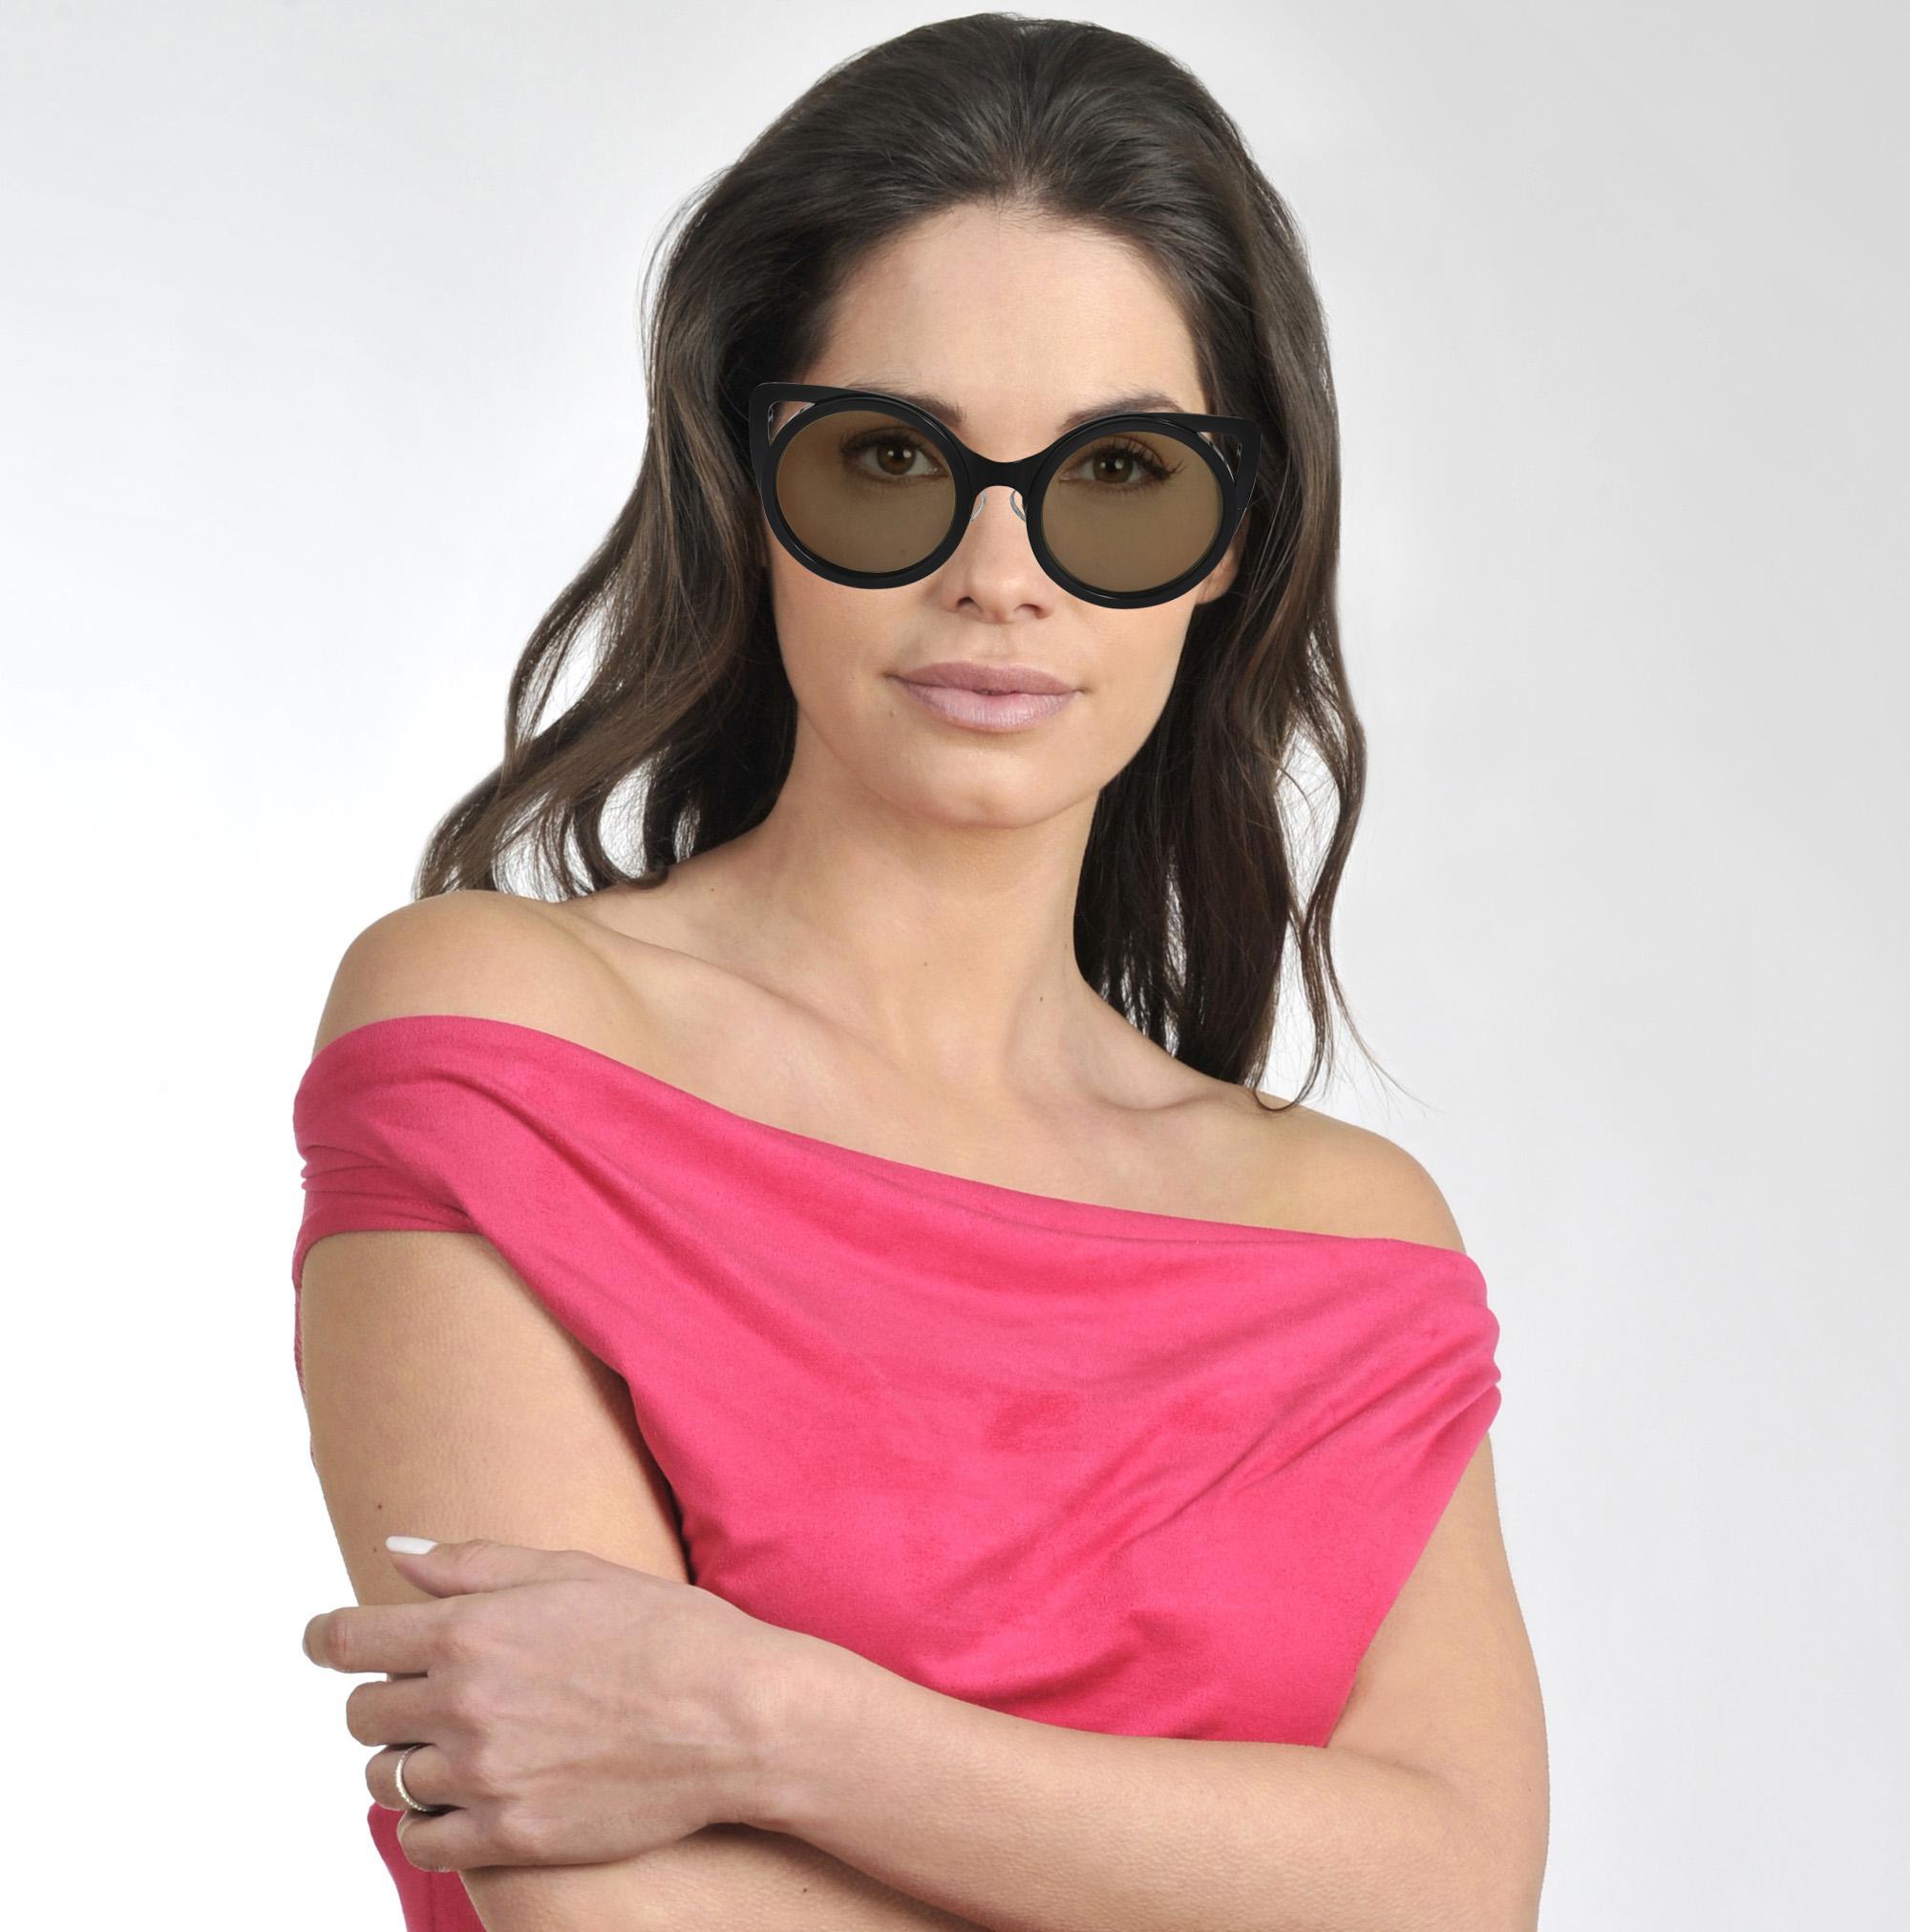 Linda Farrow Erdem & Edm4c9sun Sunglasses in Black